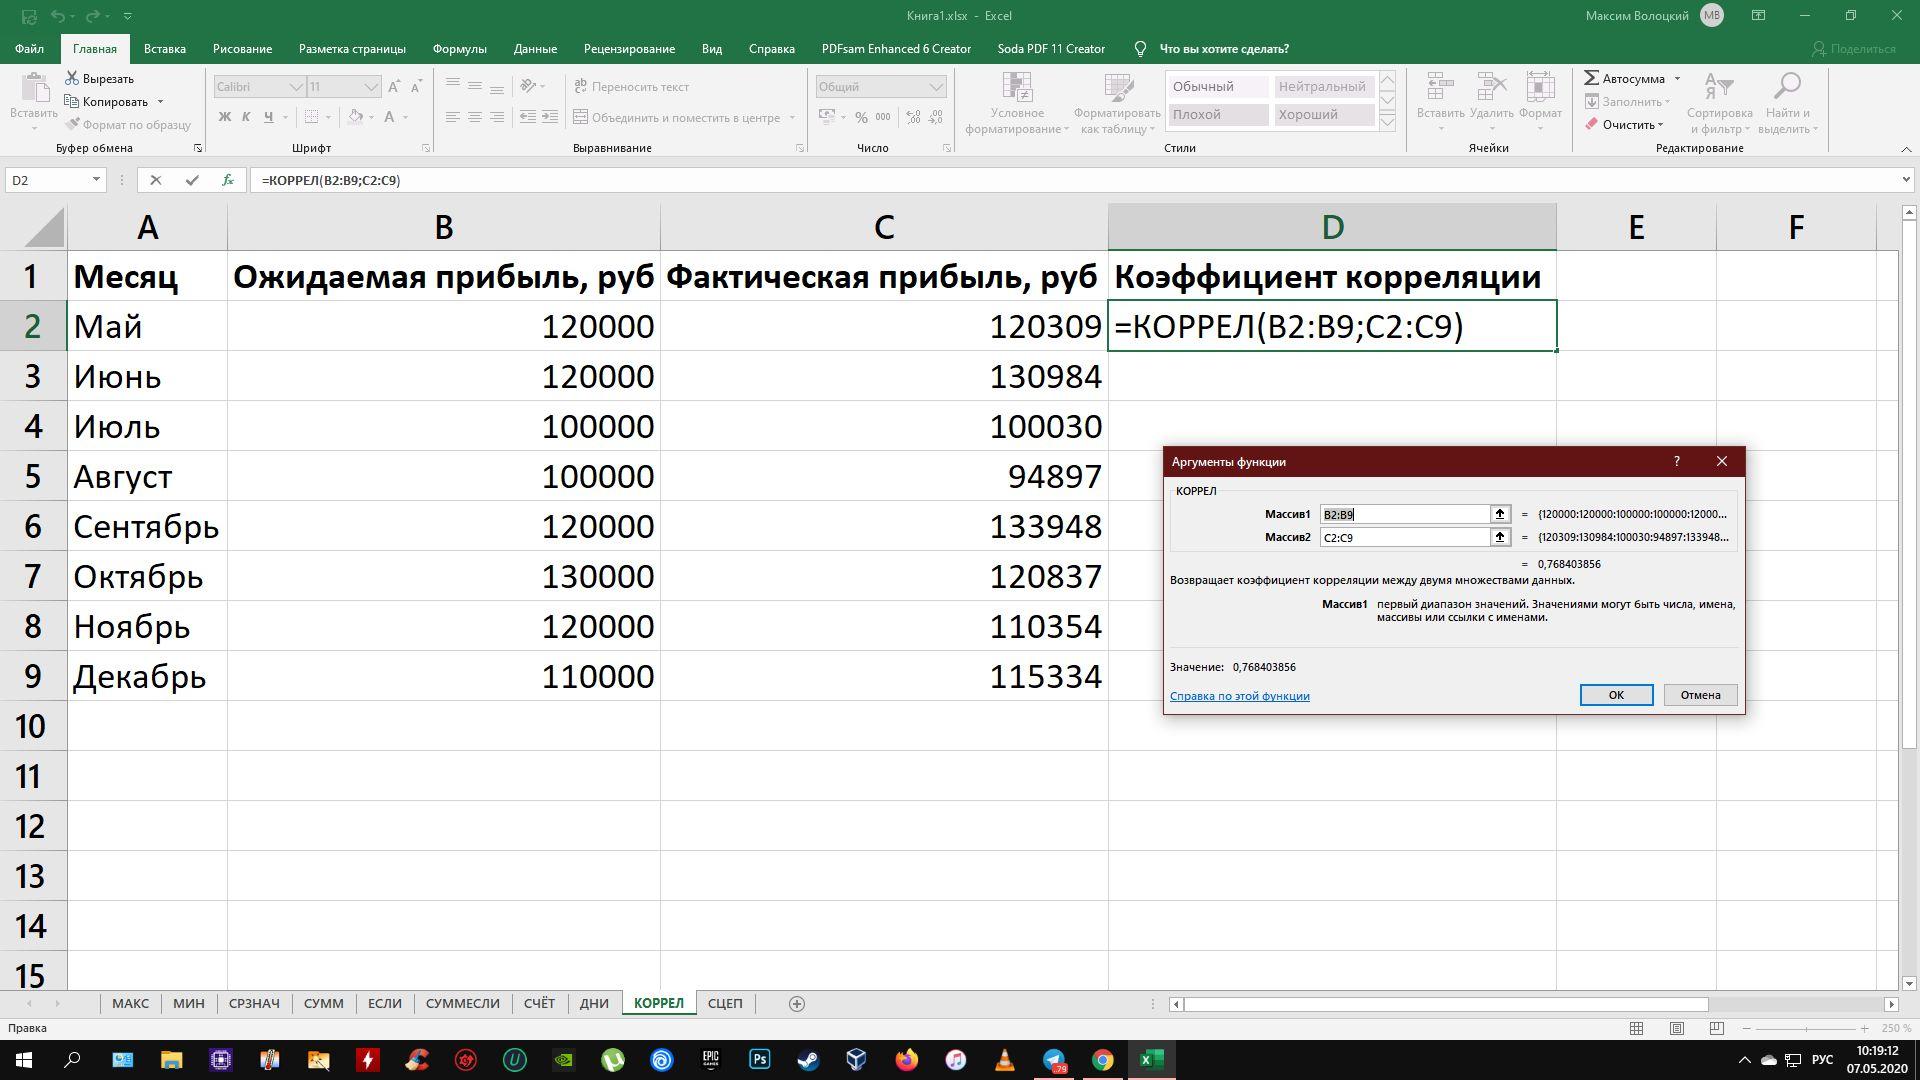 Формулы в Excel: КОРРЕЛ